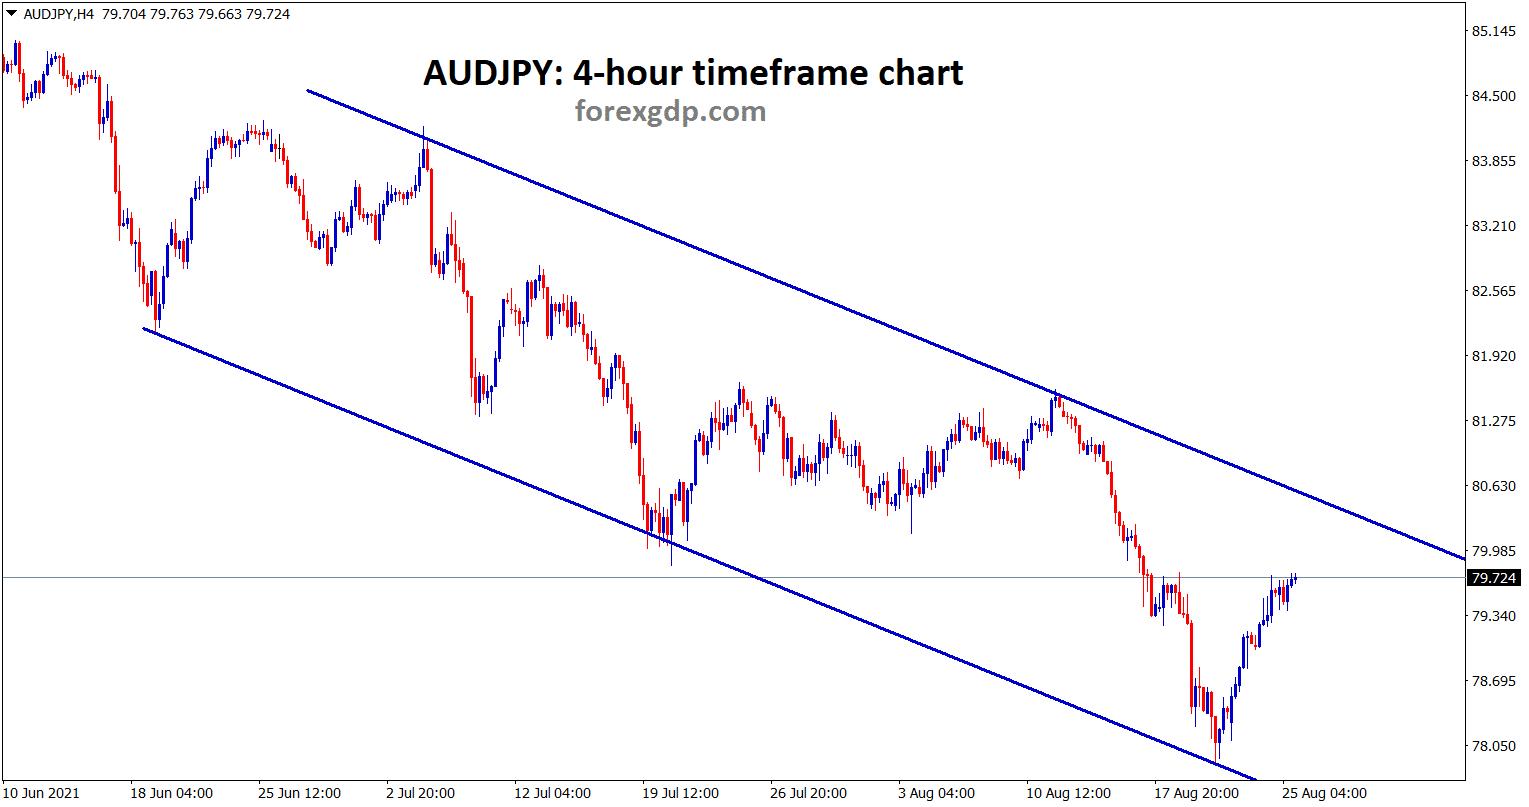 AUDJPY is moving in a descending channel range